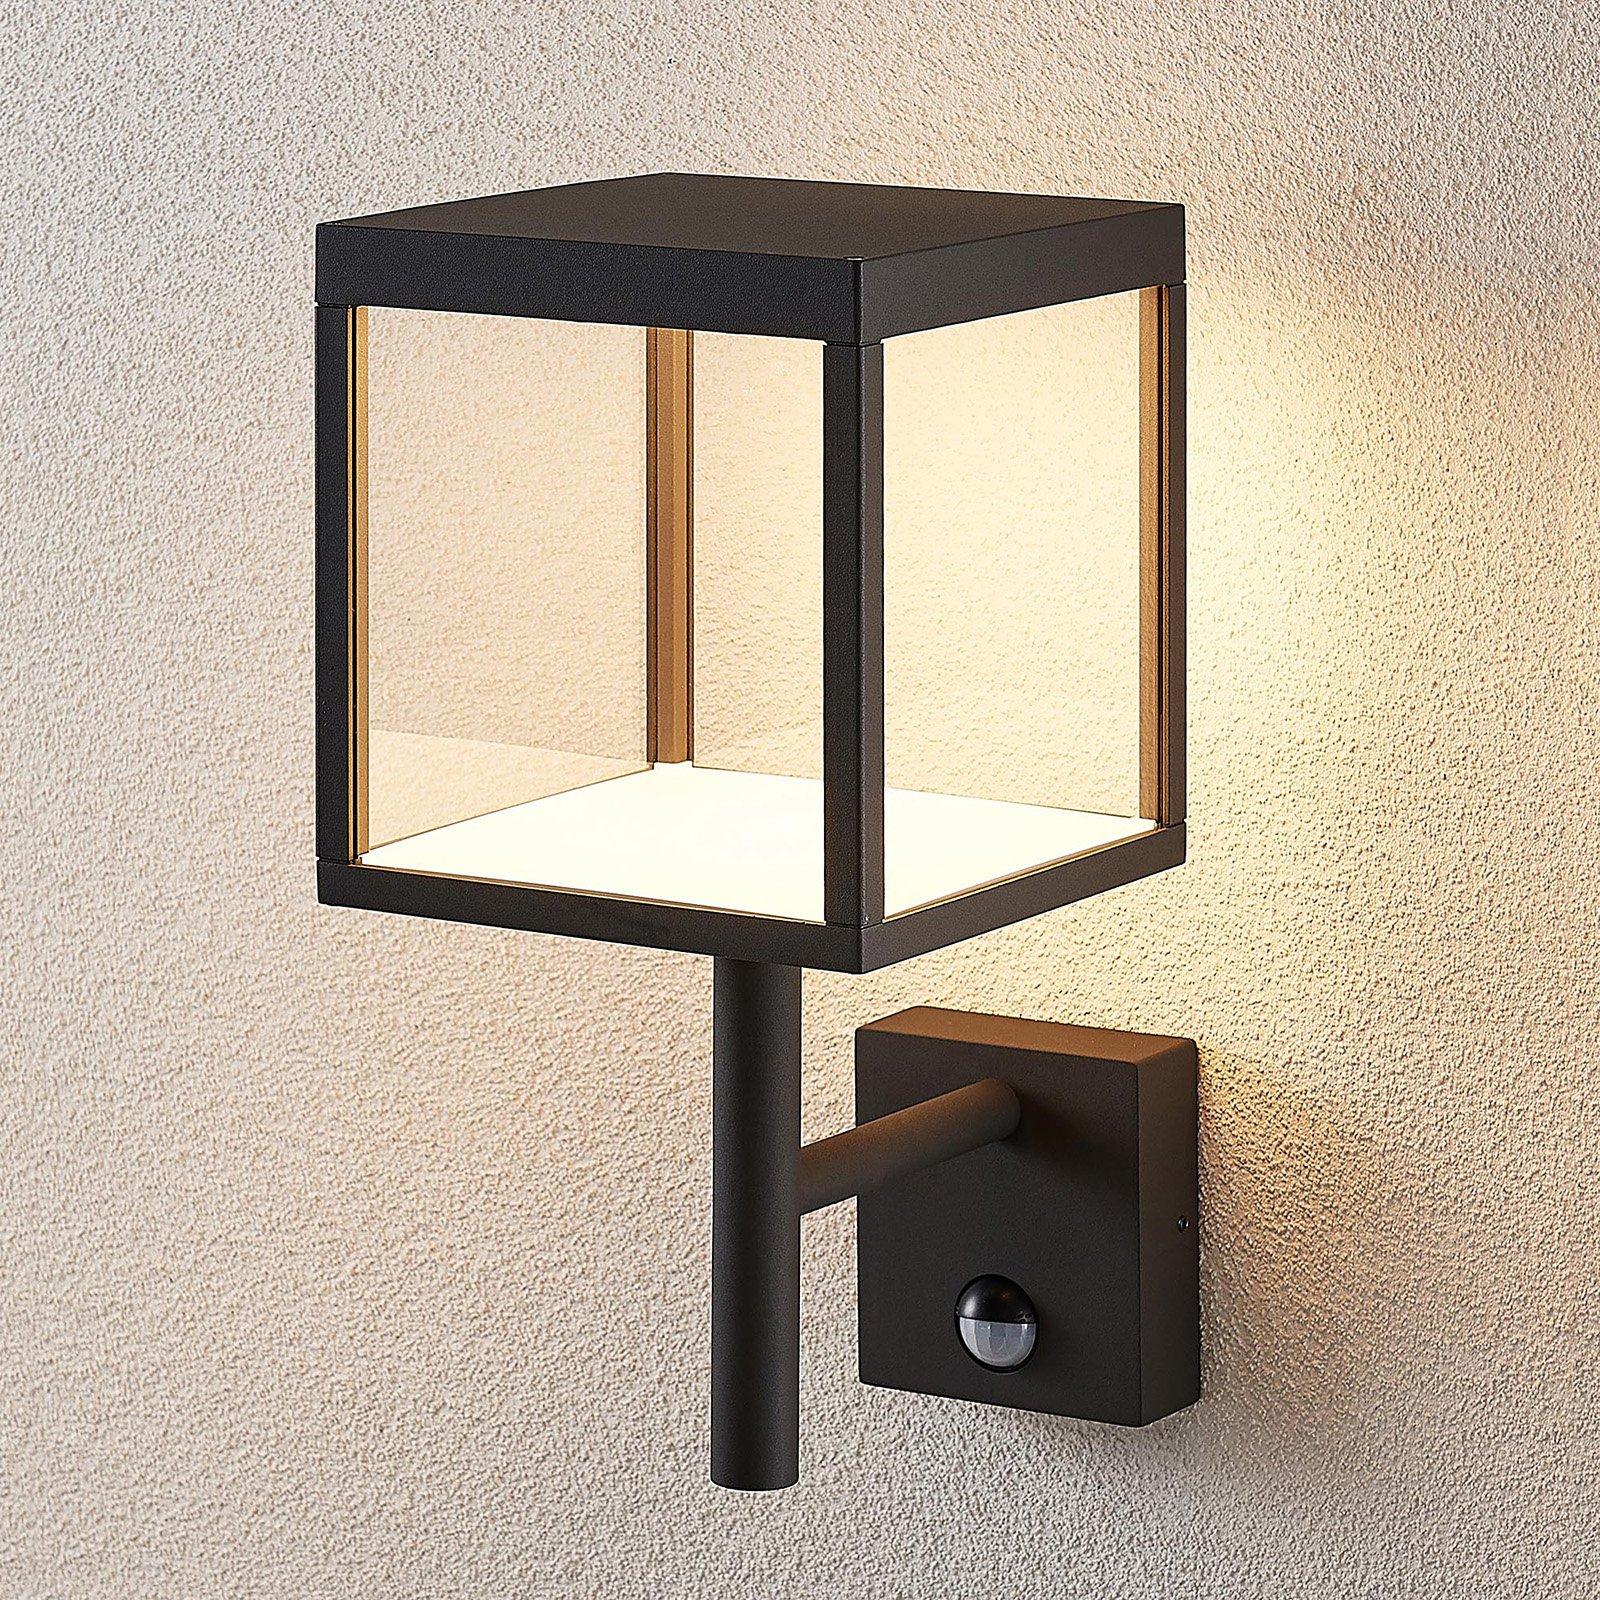 Utendørs LED-vegglampe Cube, grafittgrå, sensor